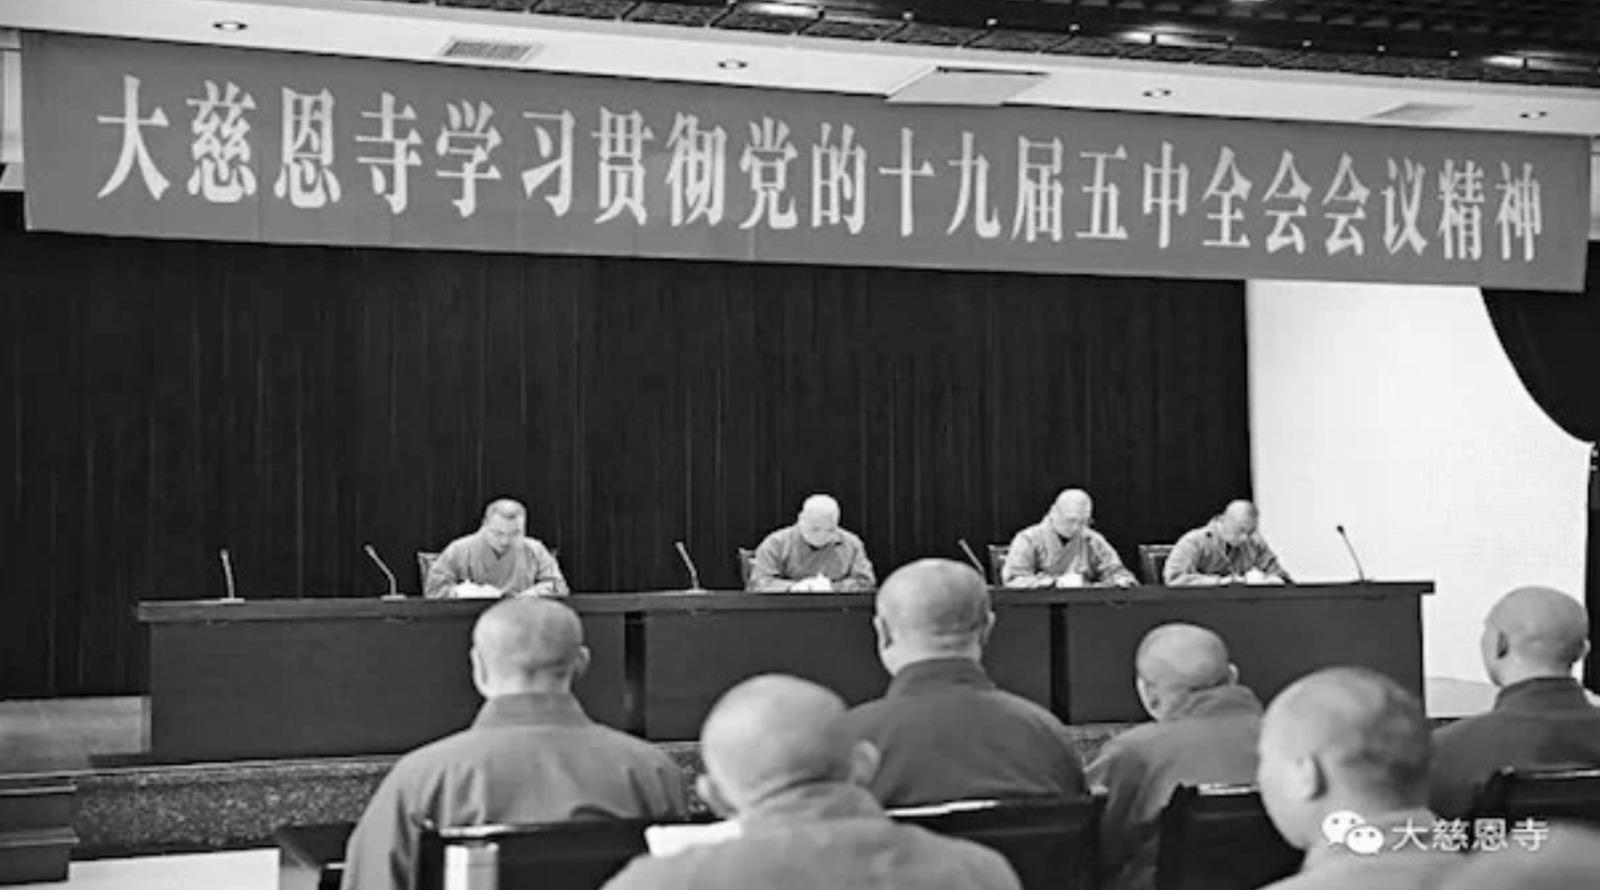 西安大慈恩寺僧眾被要求集體學習中共十九屆五中全會會議內容和精神。(大慈恩寺官方微信)